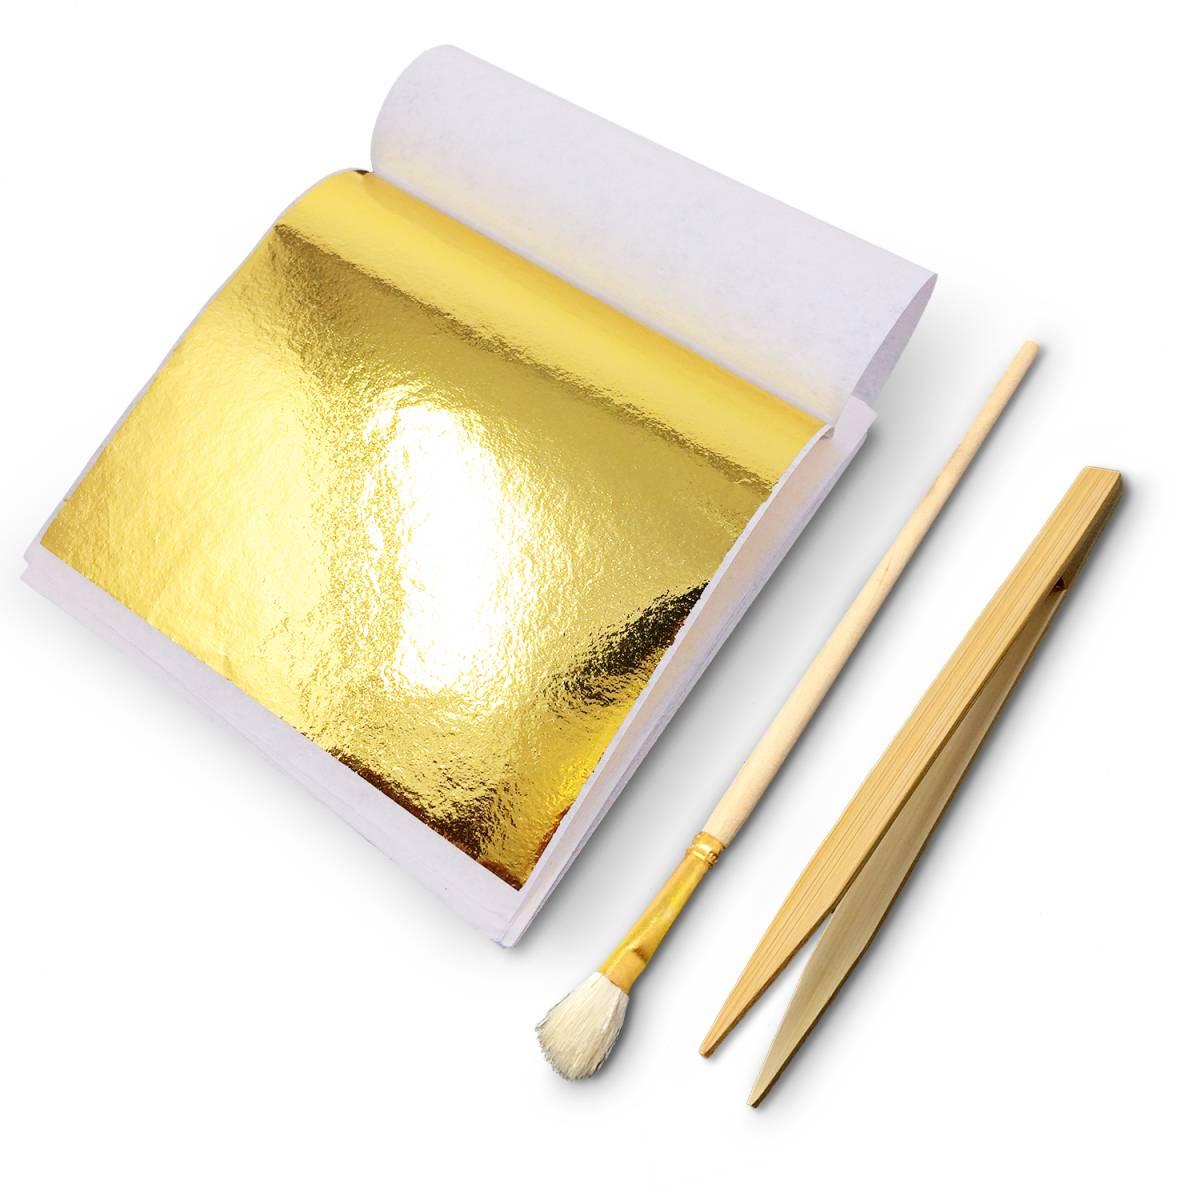 【即決】金箔 GOLD フェイク ゴールド 金色 美術 工芸 デコレーション 【 金ぱく 約100枚、竹ばし、刷毛セット 】